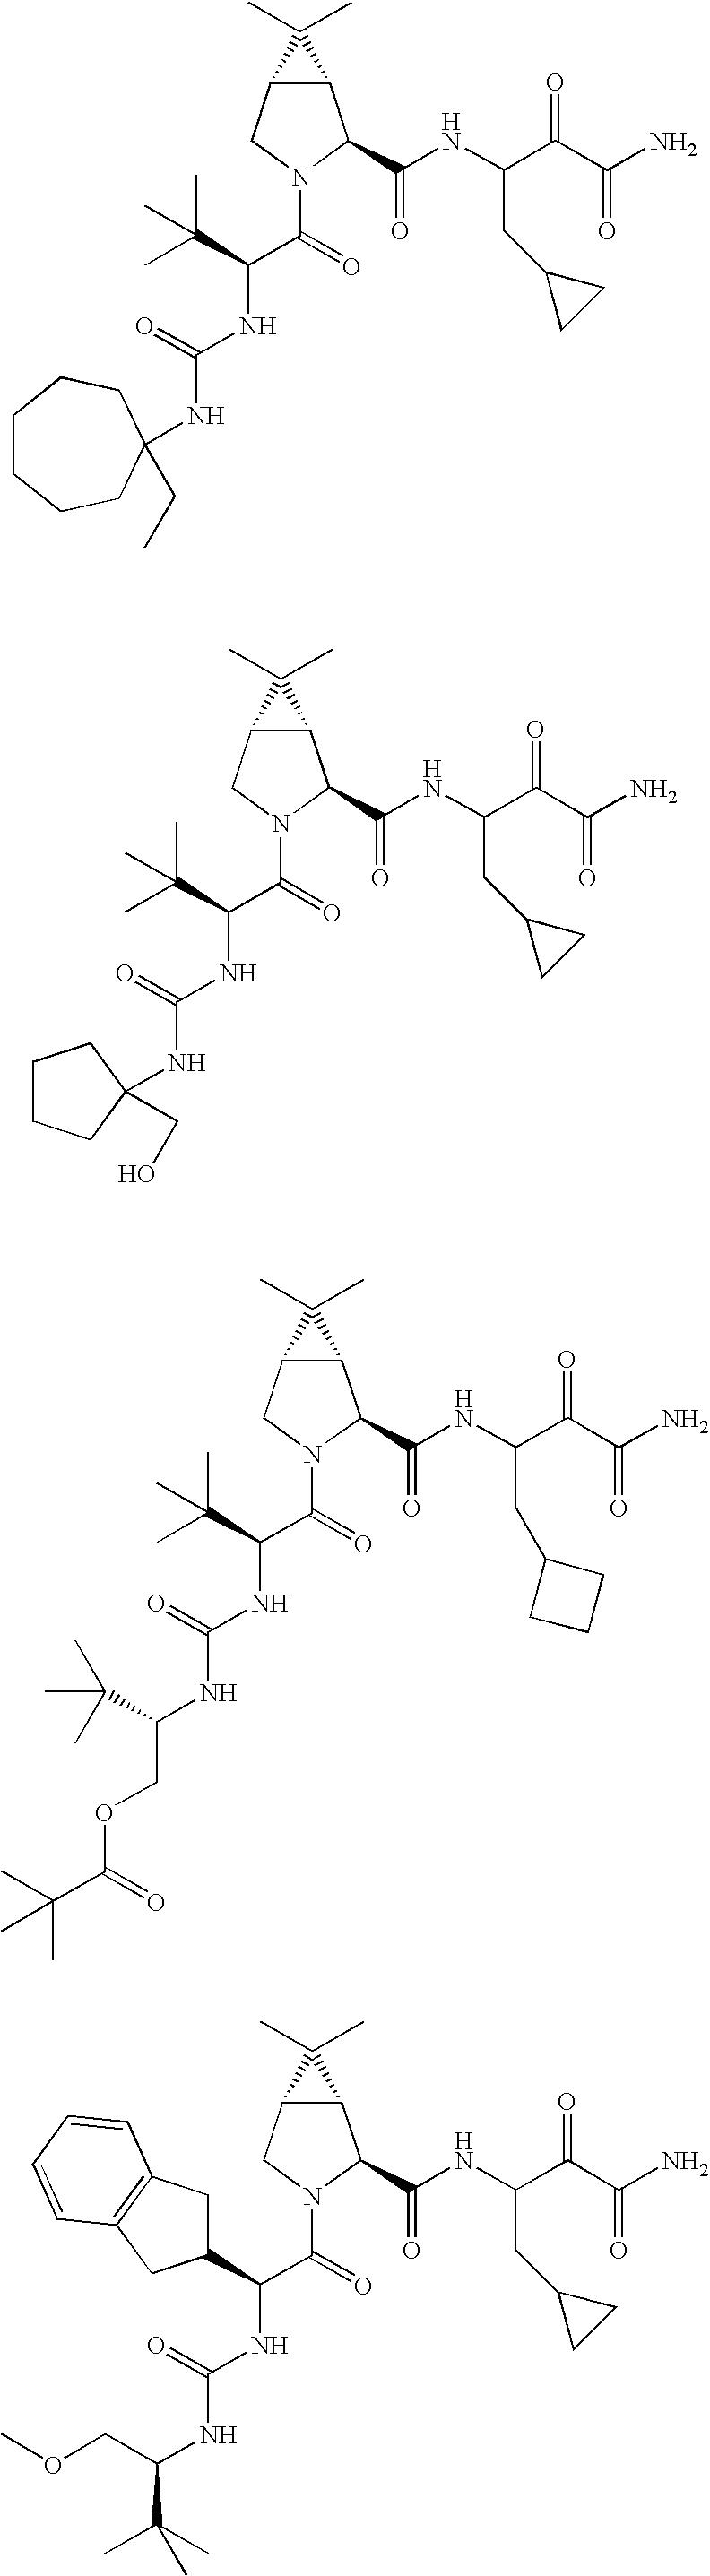 Figure US20060287248A1-20061221-C00354